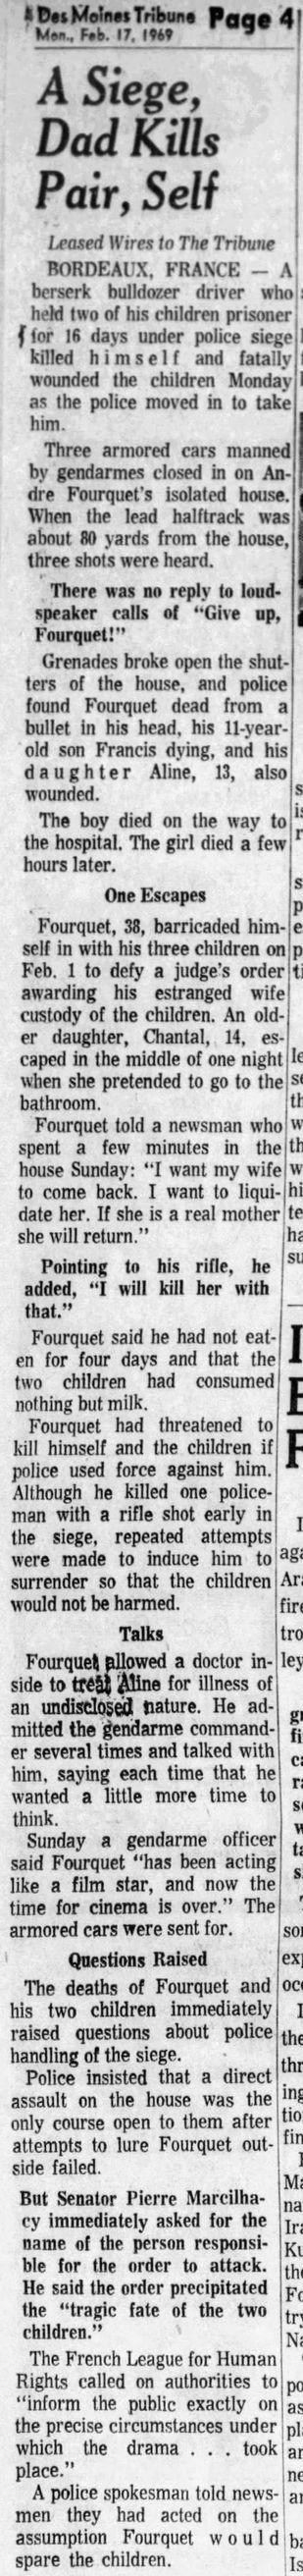 Des Moines Tribune, 17/02/1969, p. 4